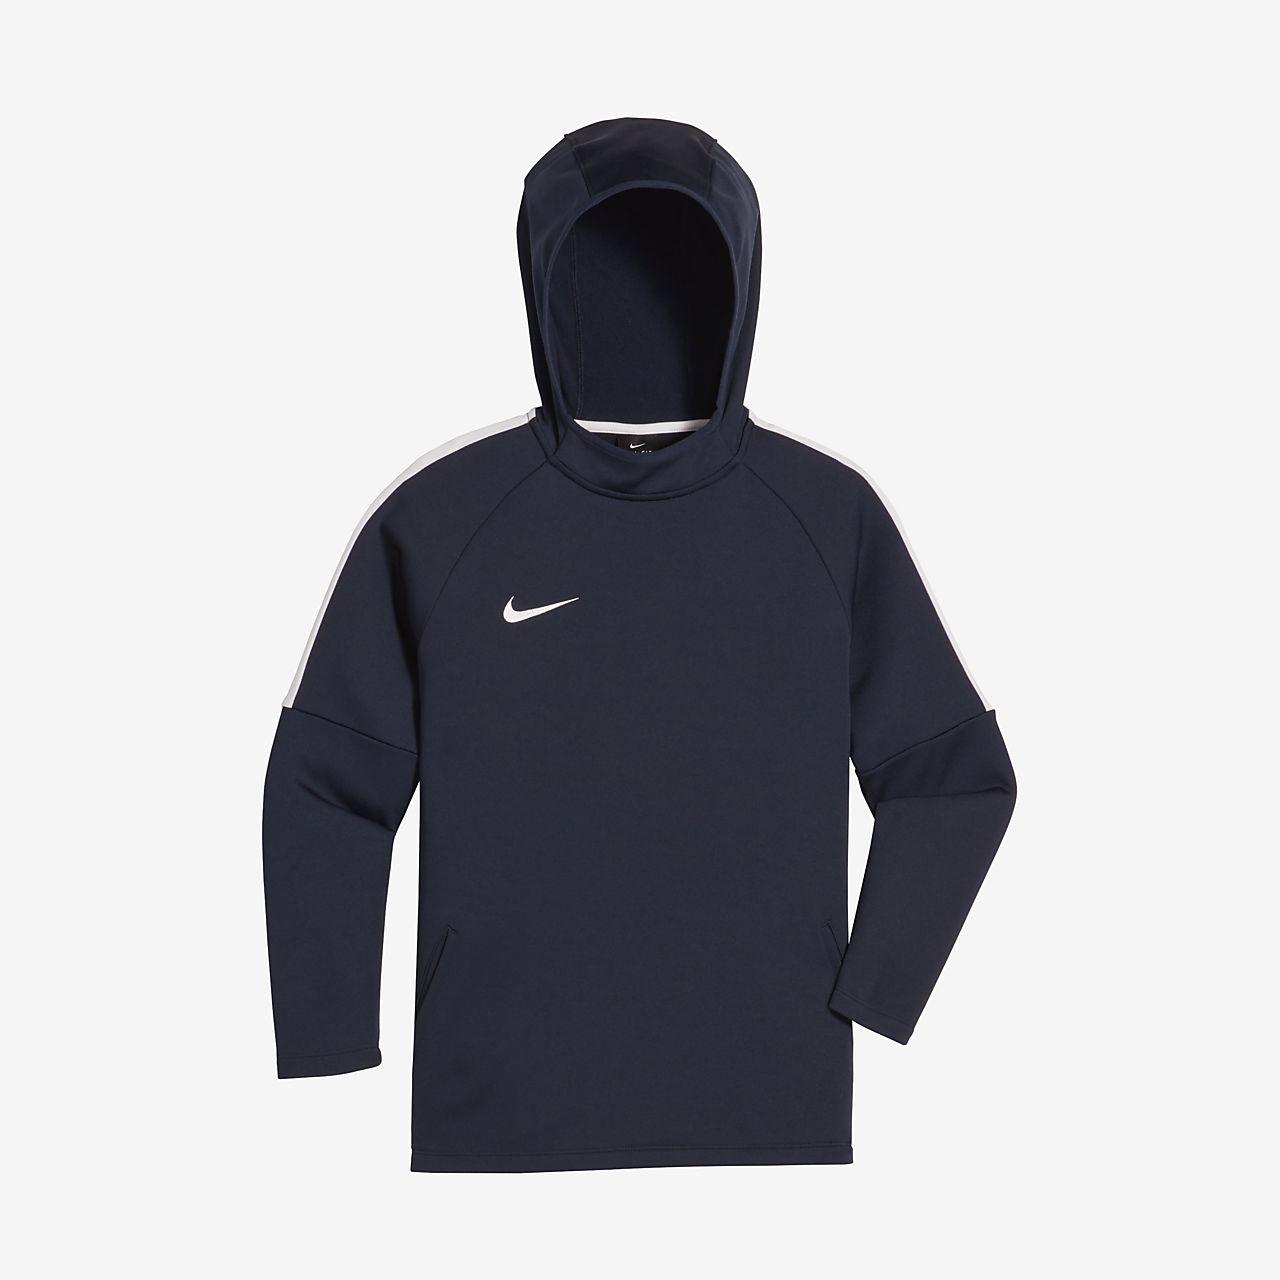 Fotbollshuvtröja Nike Dri-FIT Academy för killar